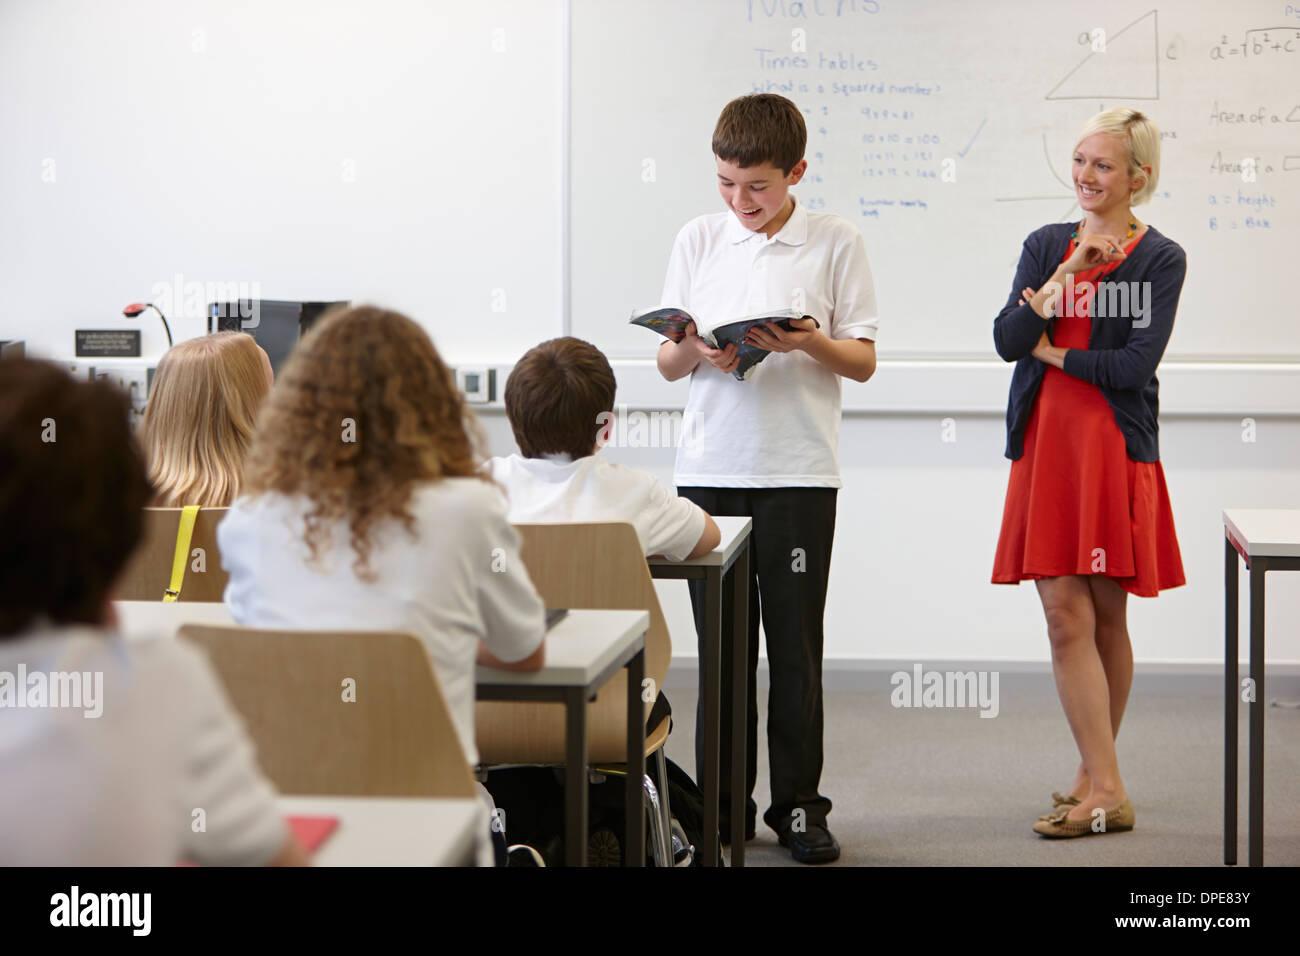 El colegial desde los libros de texto de lectura en frente de la clase Imagen De Stock